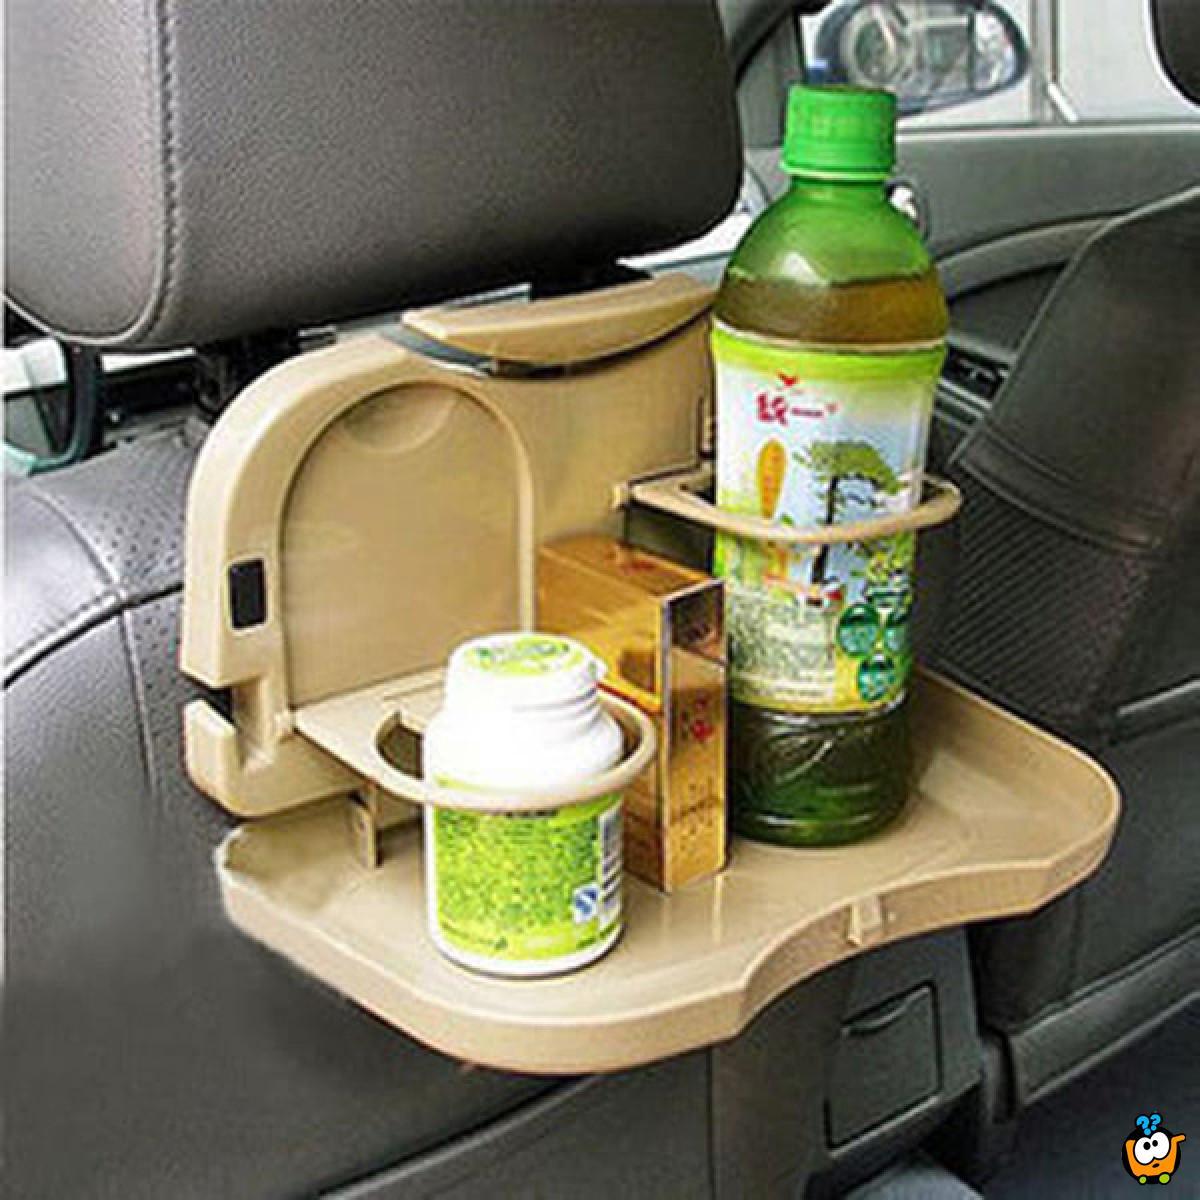 Sklopivi stočić za hranu i piće u automobilu